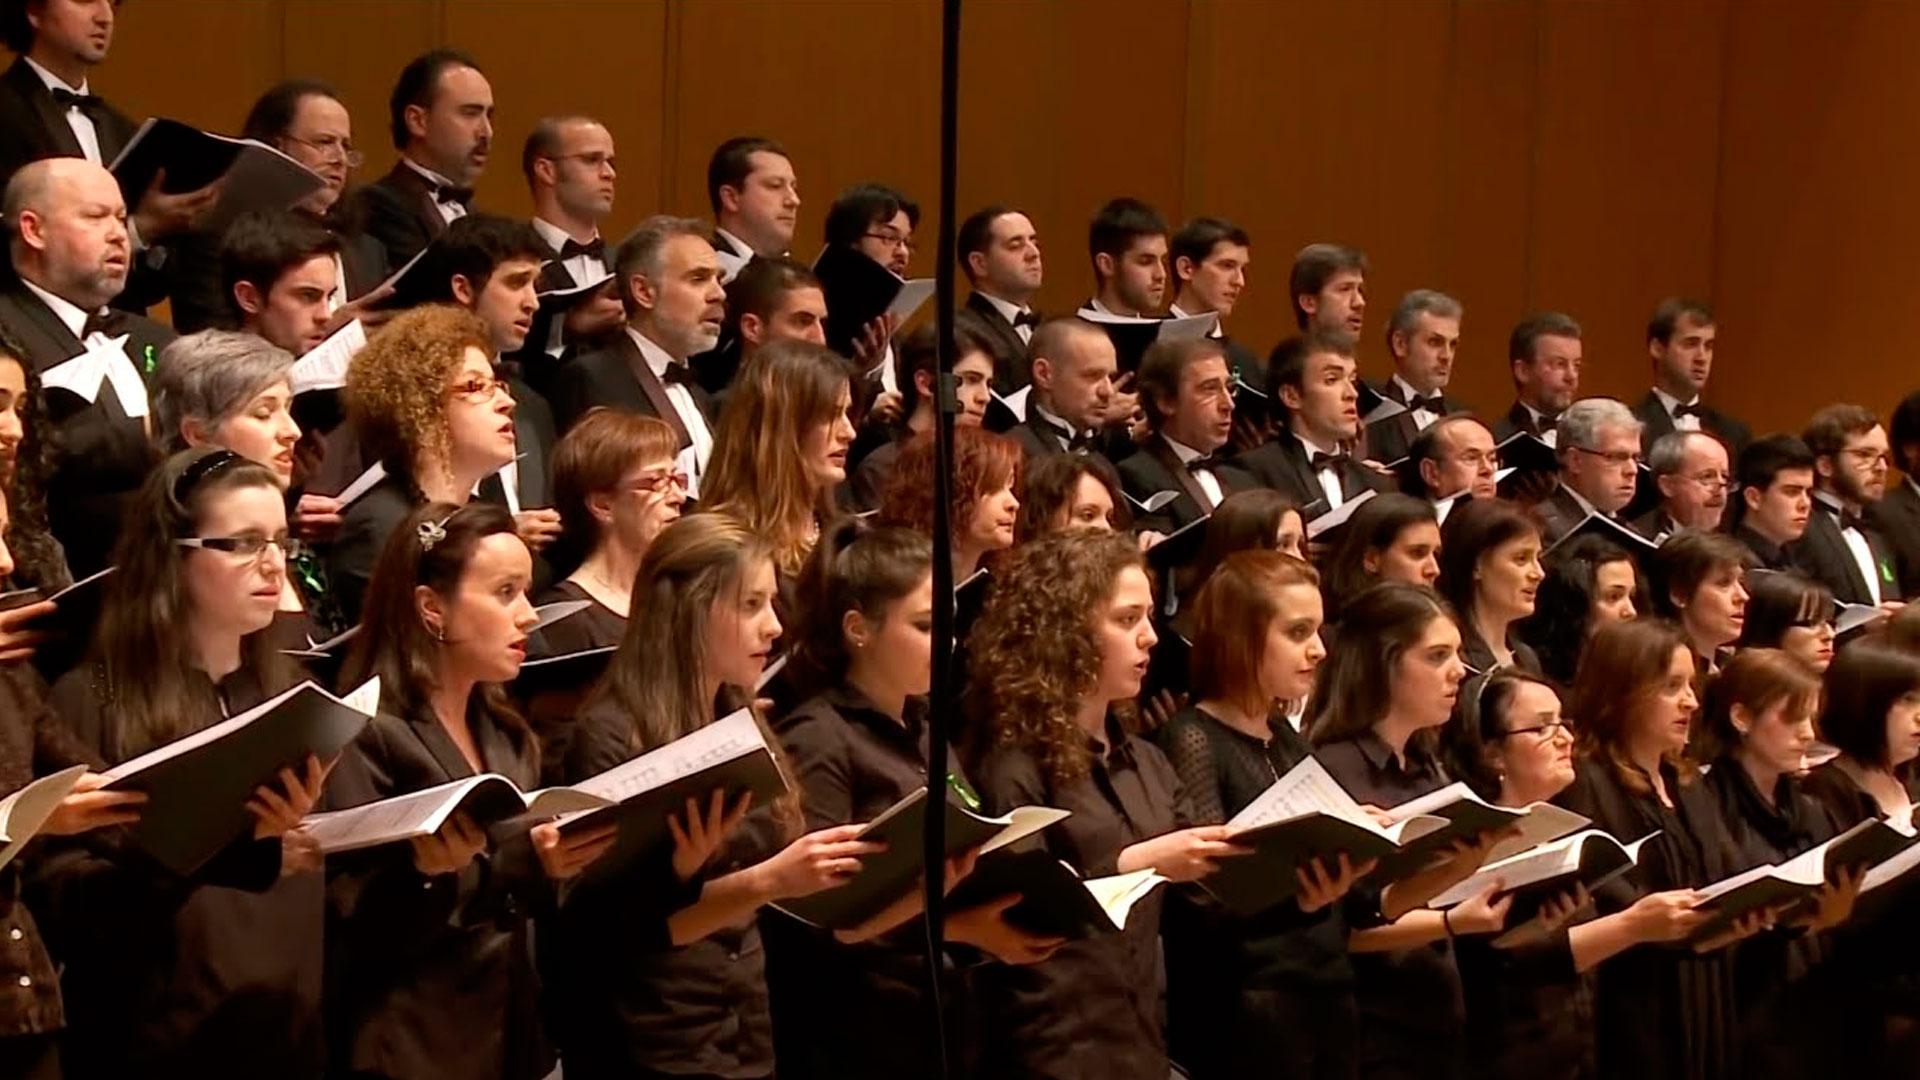 La Sinfónica de Galicia abre una ventana en la web para responder en directo a los usuarios de las redes sociales con #osgwebtalk